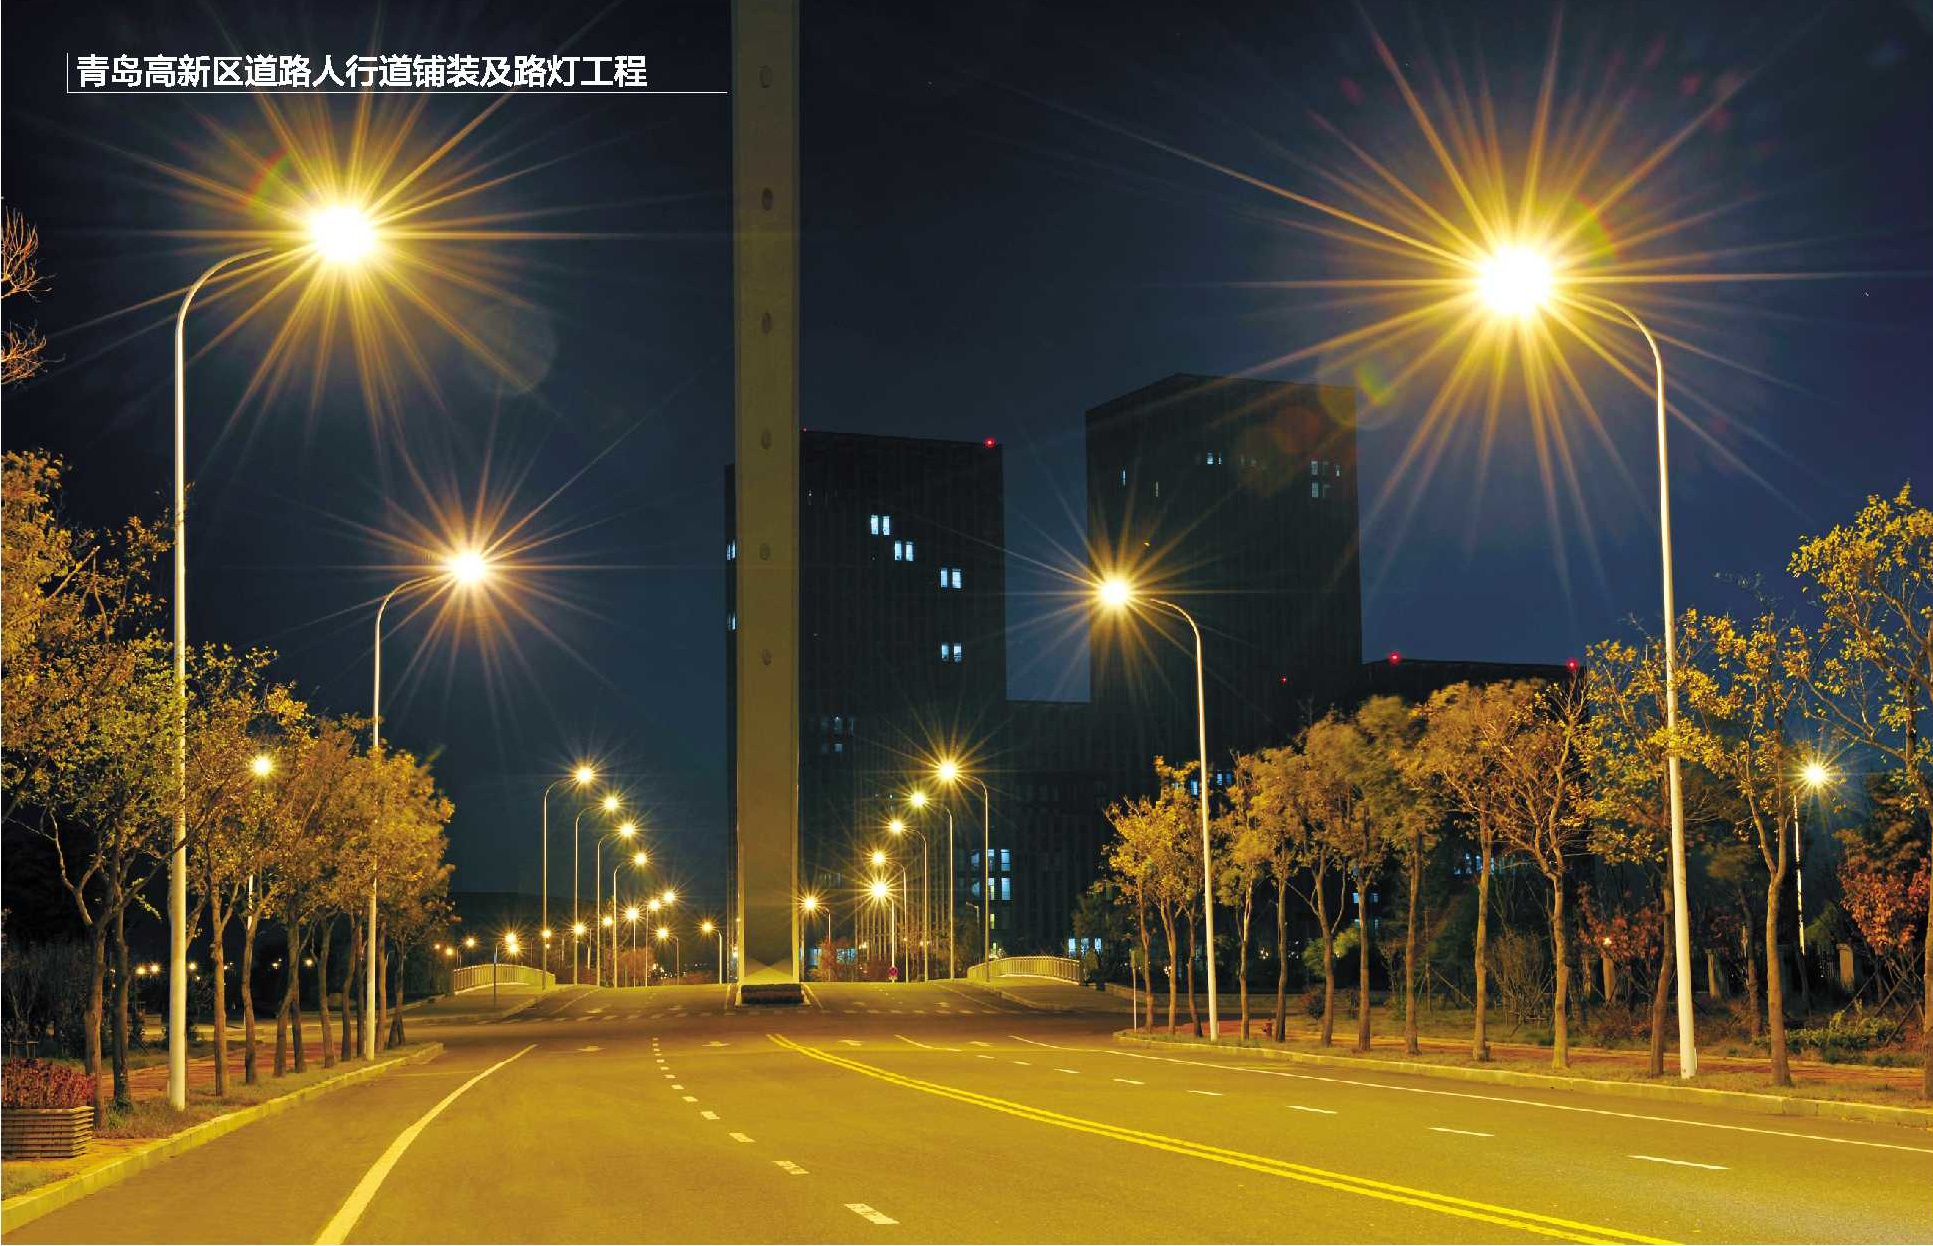 青岛高新区道路人行道铺装及路灯工程